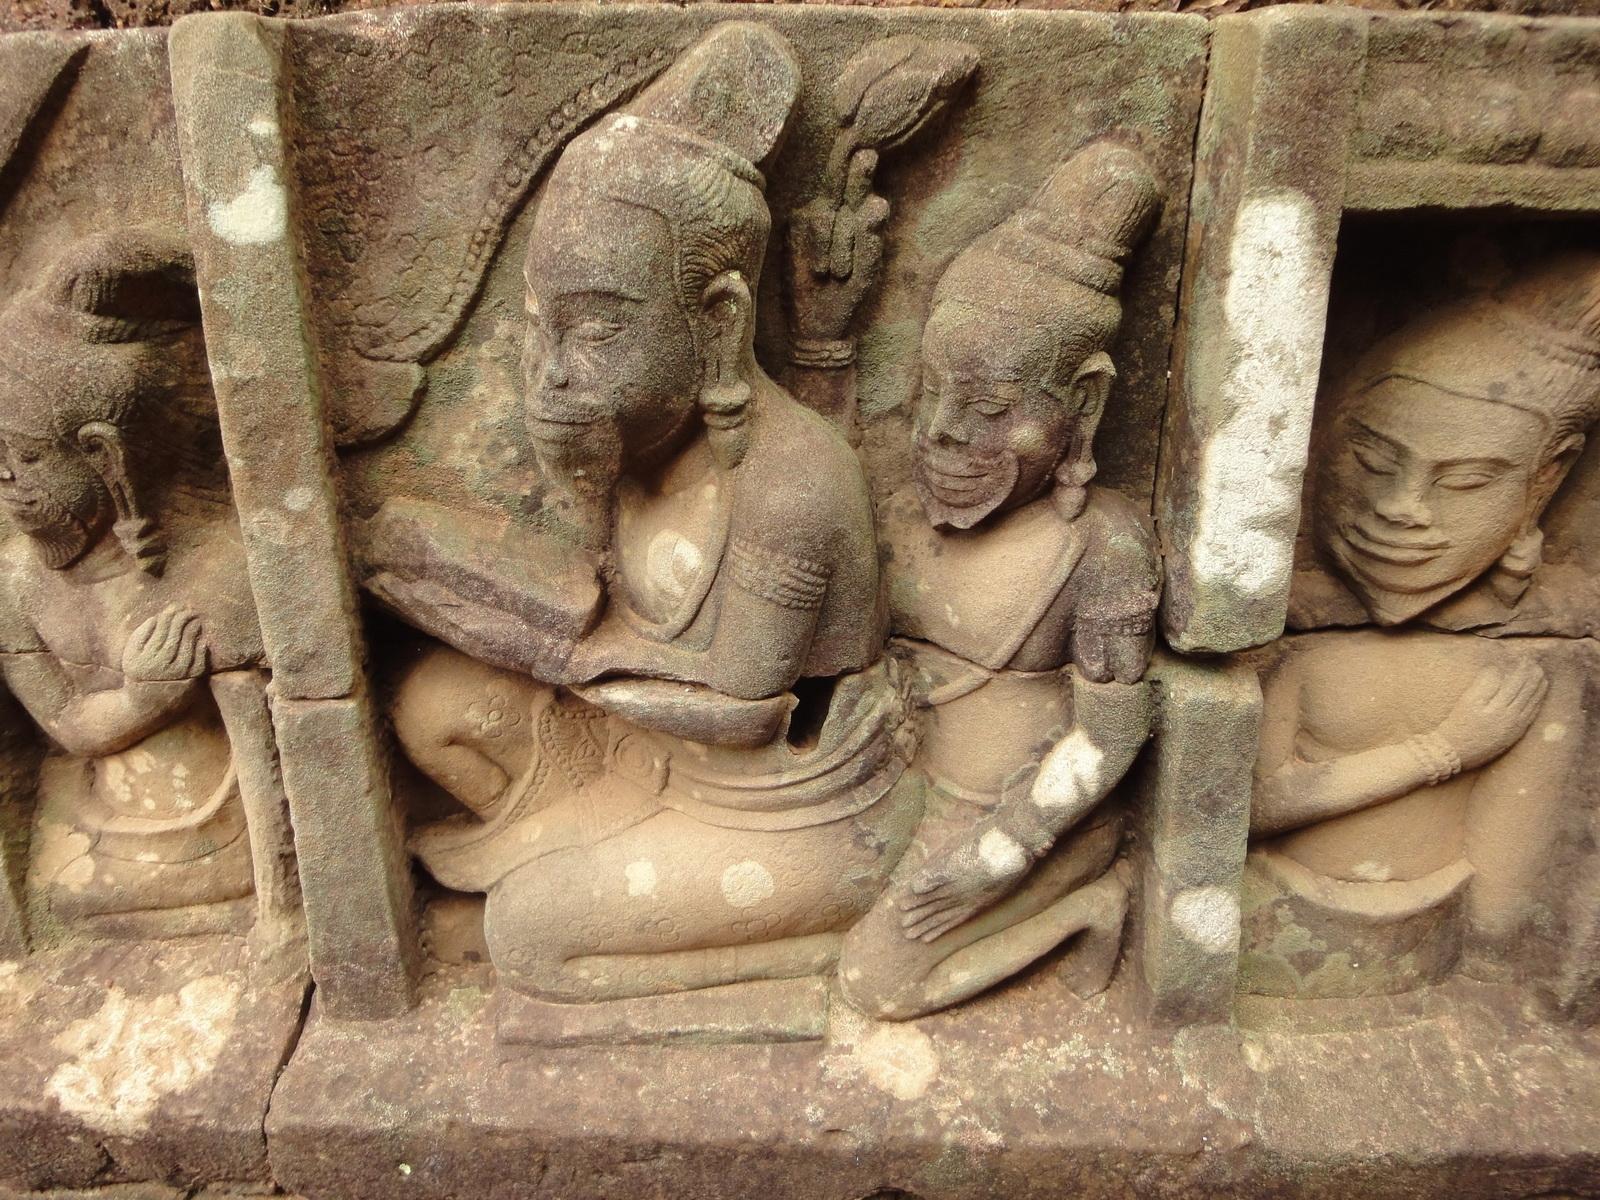 Leper King Terrace hidden wall underworld Nagas and deities 004